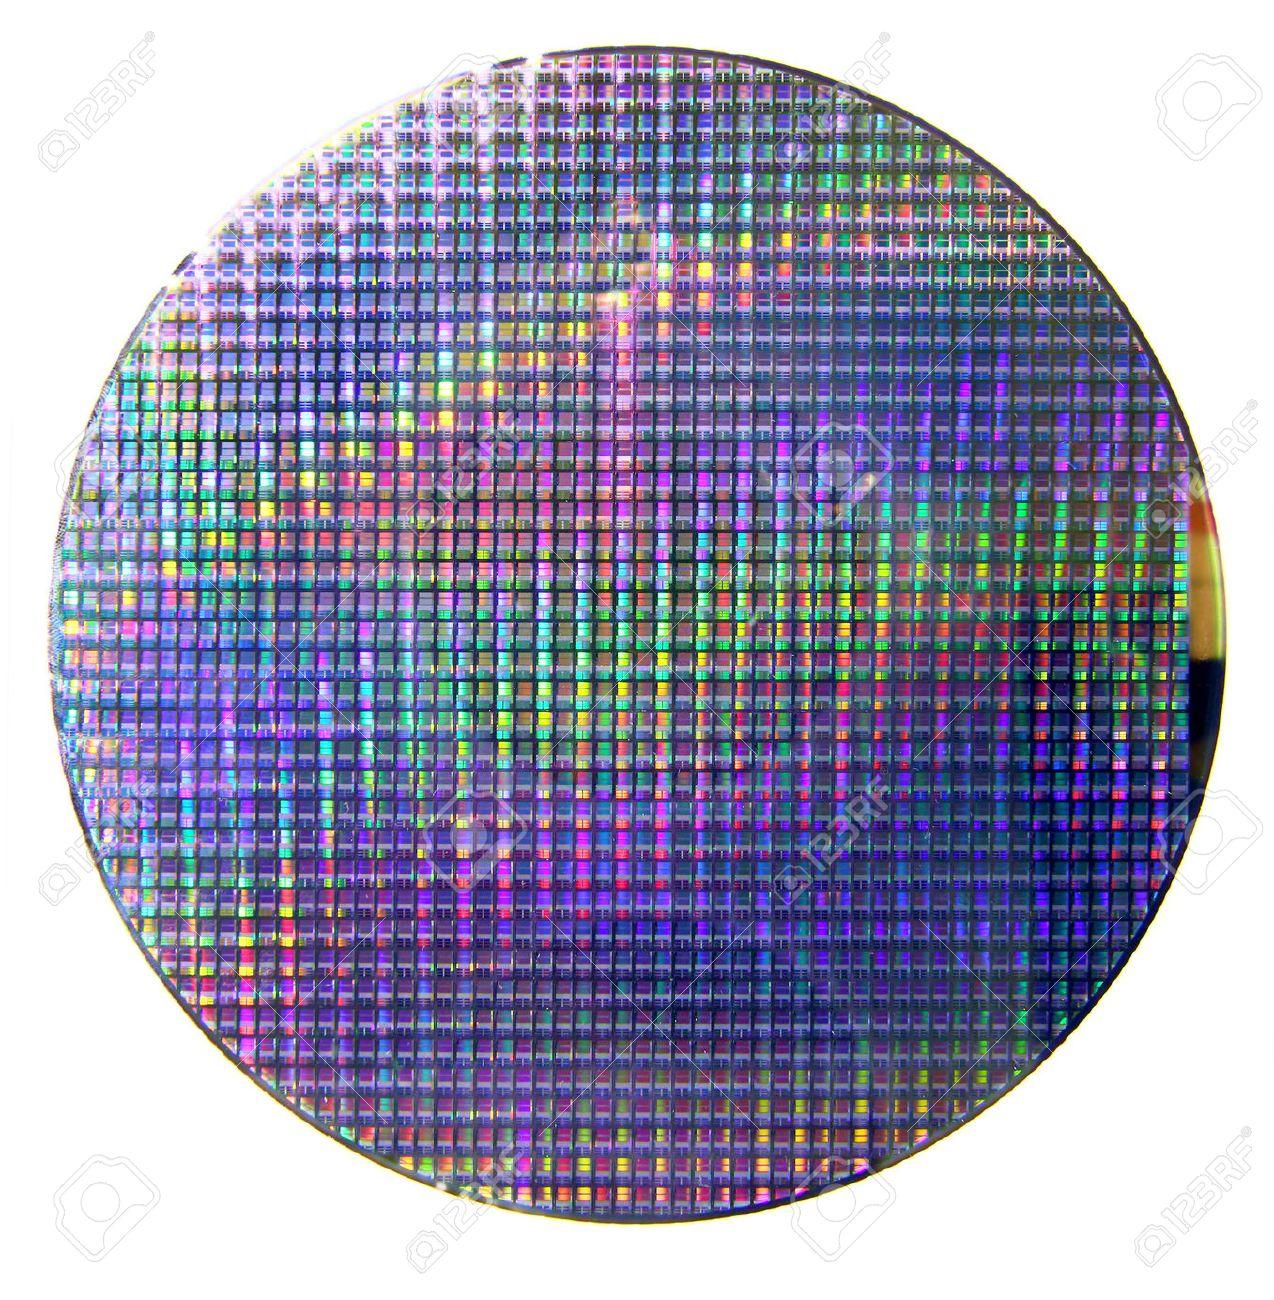 コンピューター シリコンウエハ の写真素材・画像素材 Image 36486164.